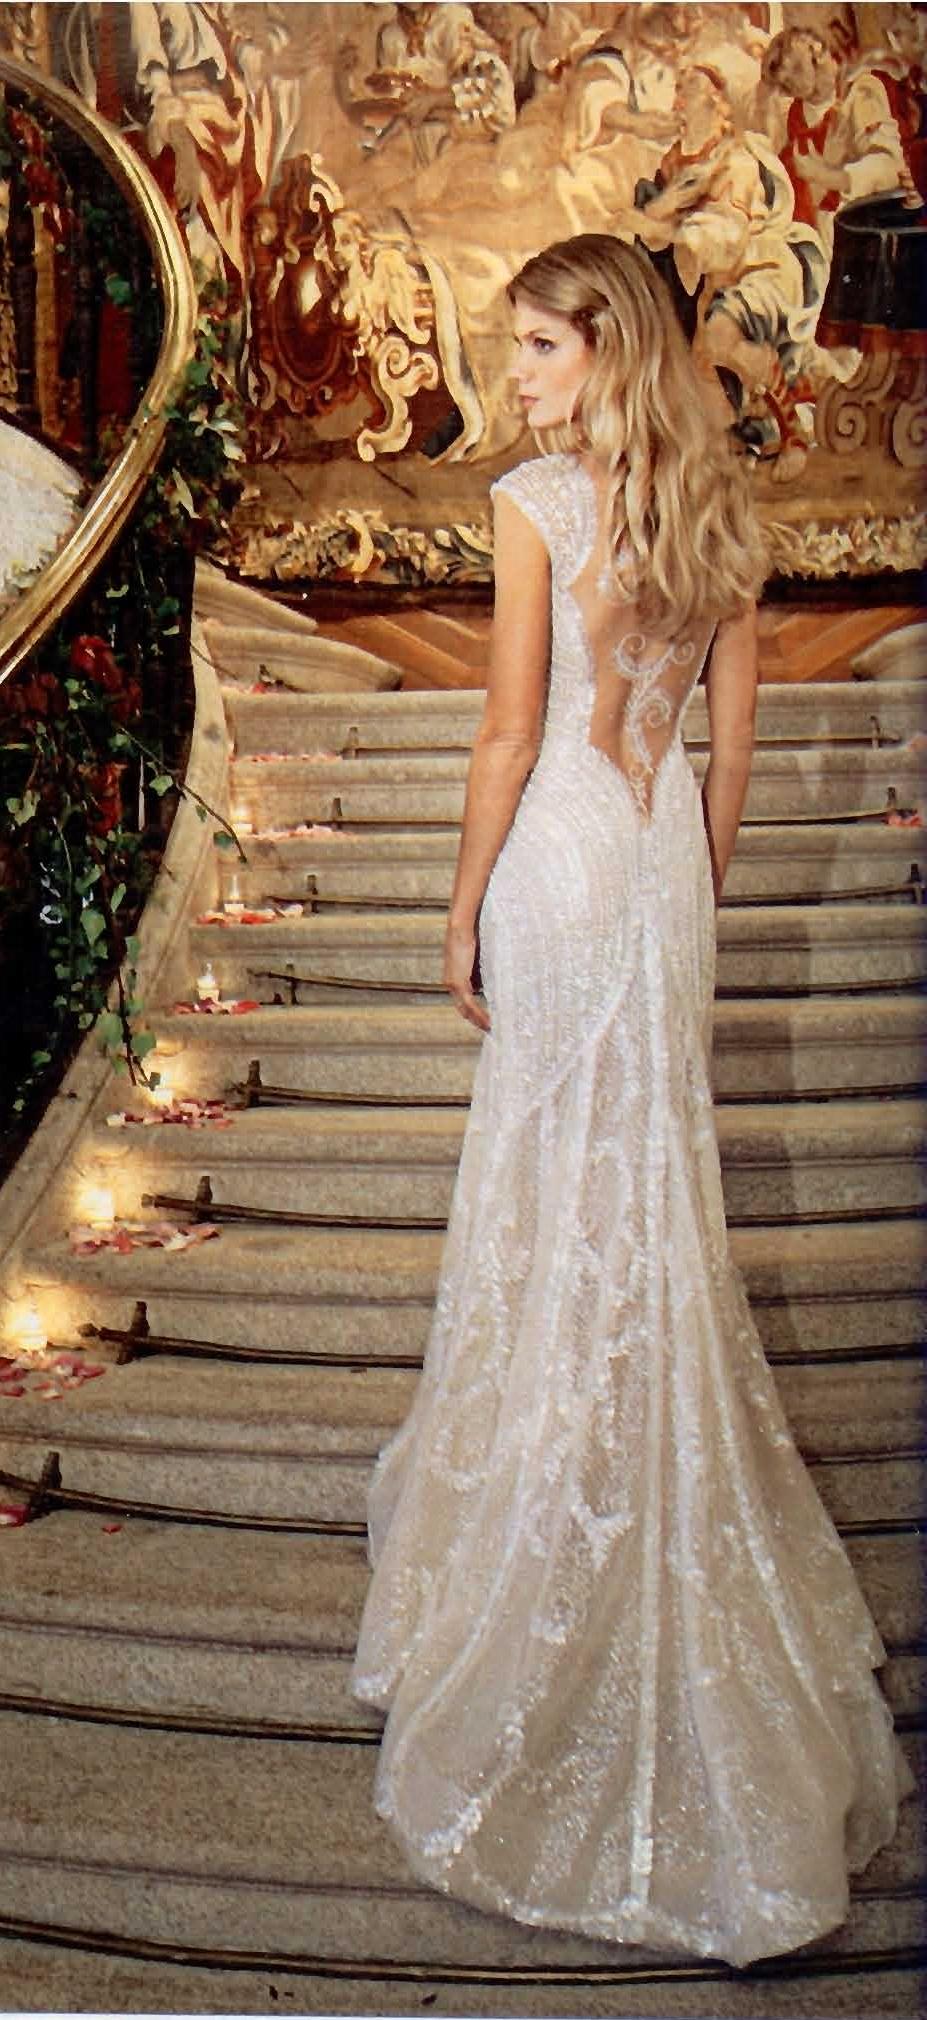 Espectacular el traje de fiesta de Pronovias elegido por Charisse para el baile ¡Nos gusta más este que el de novia!